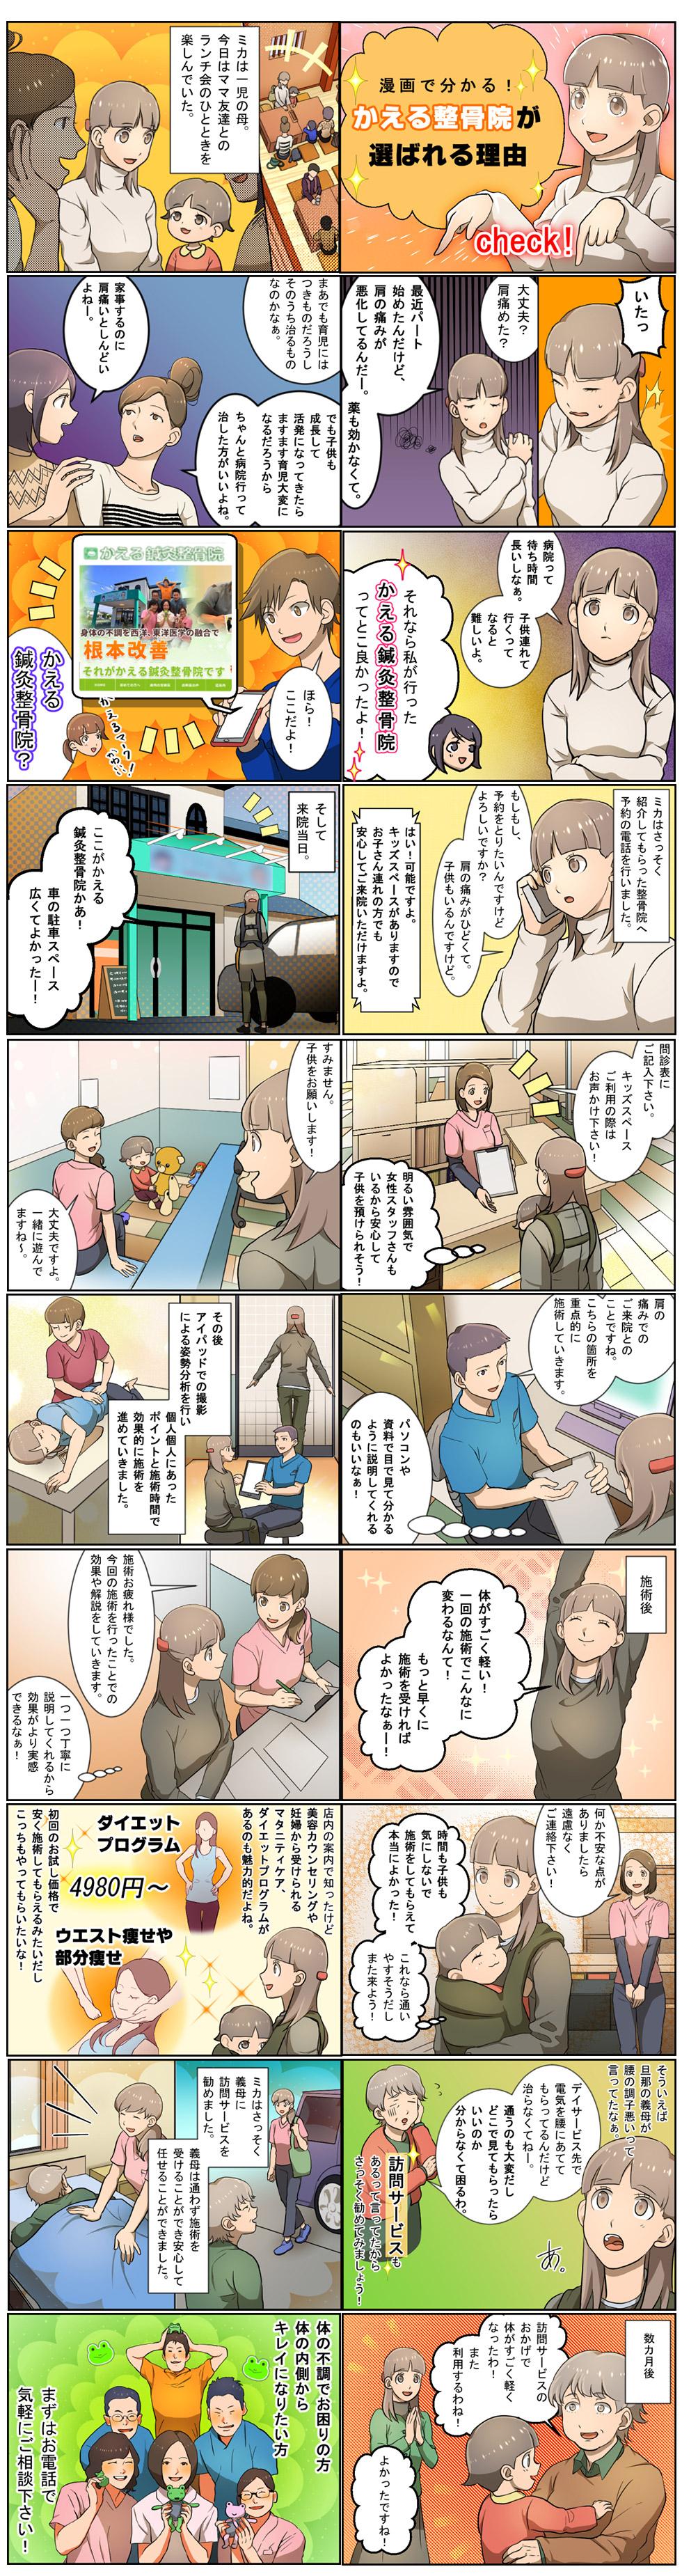 漫画でわかるかえる鍼灸整骨院